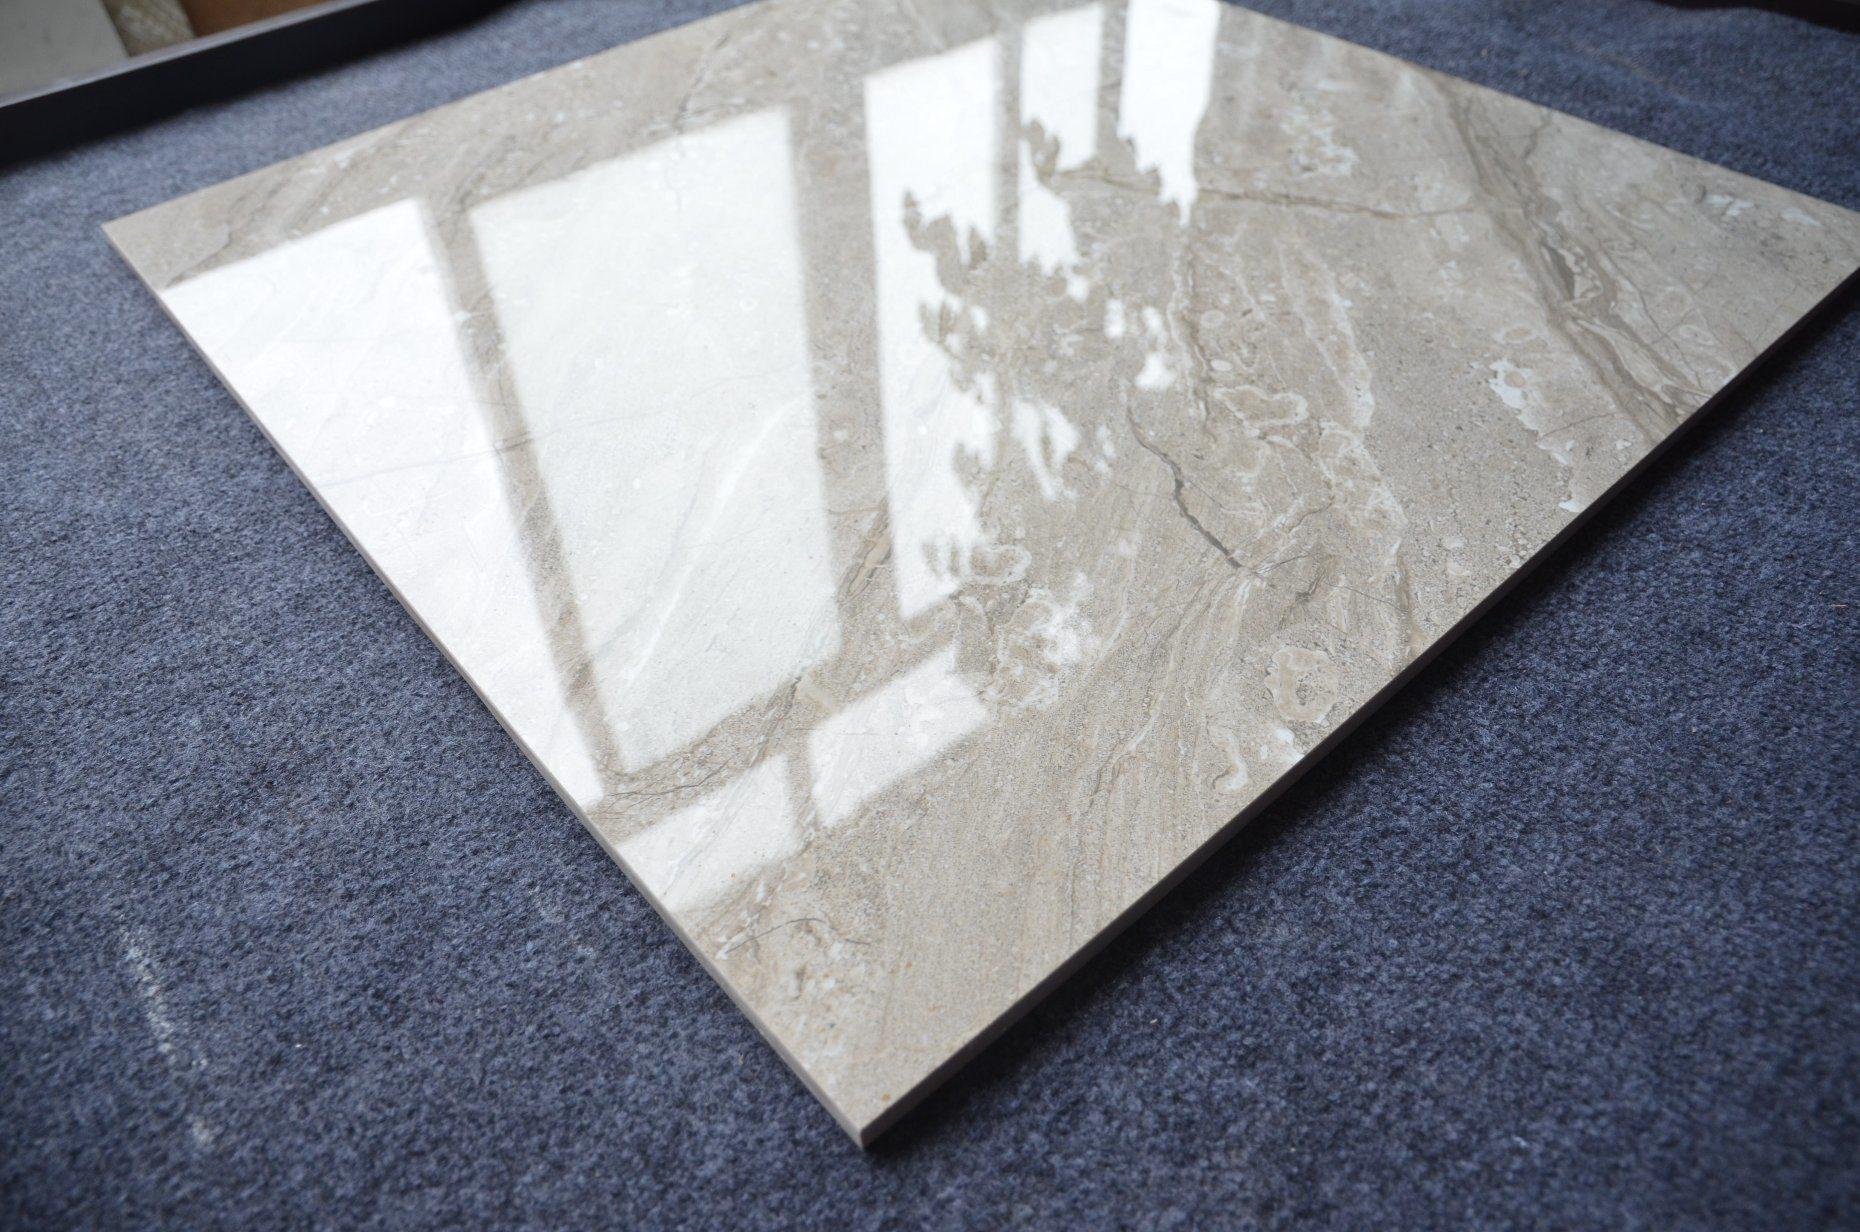 China Hot Sale Grey Bathroom Glazed Ceramic Tiles for Floors Photos ...